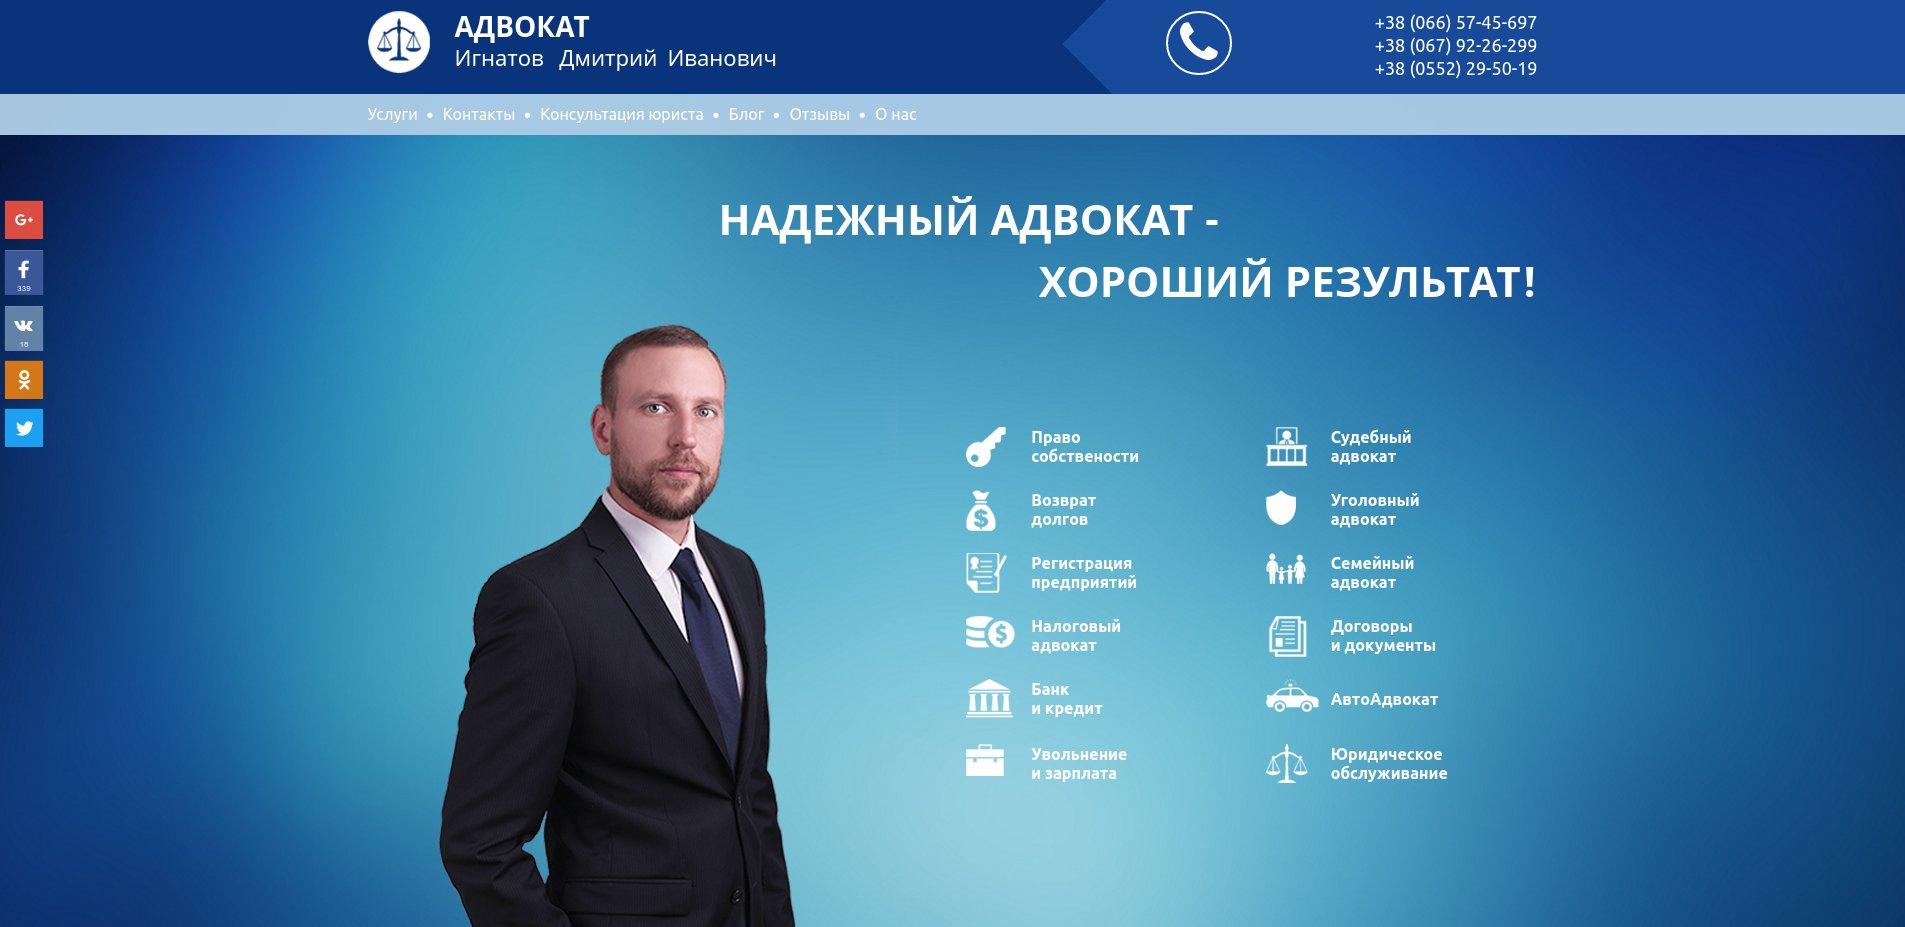 Персональный сайт адвоката. Херсон